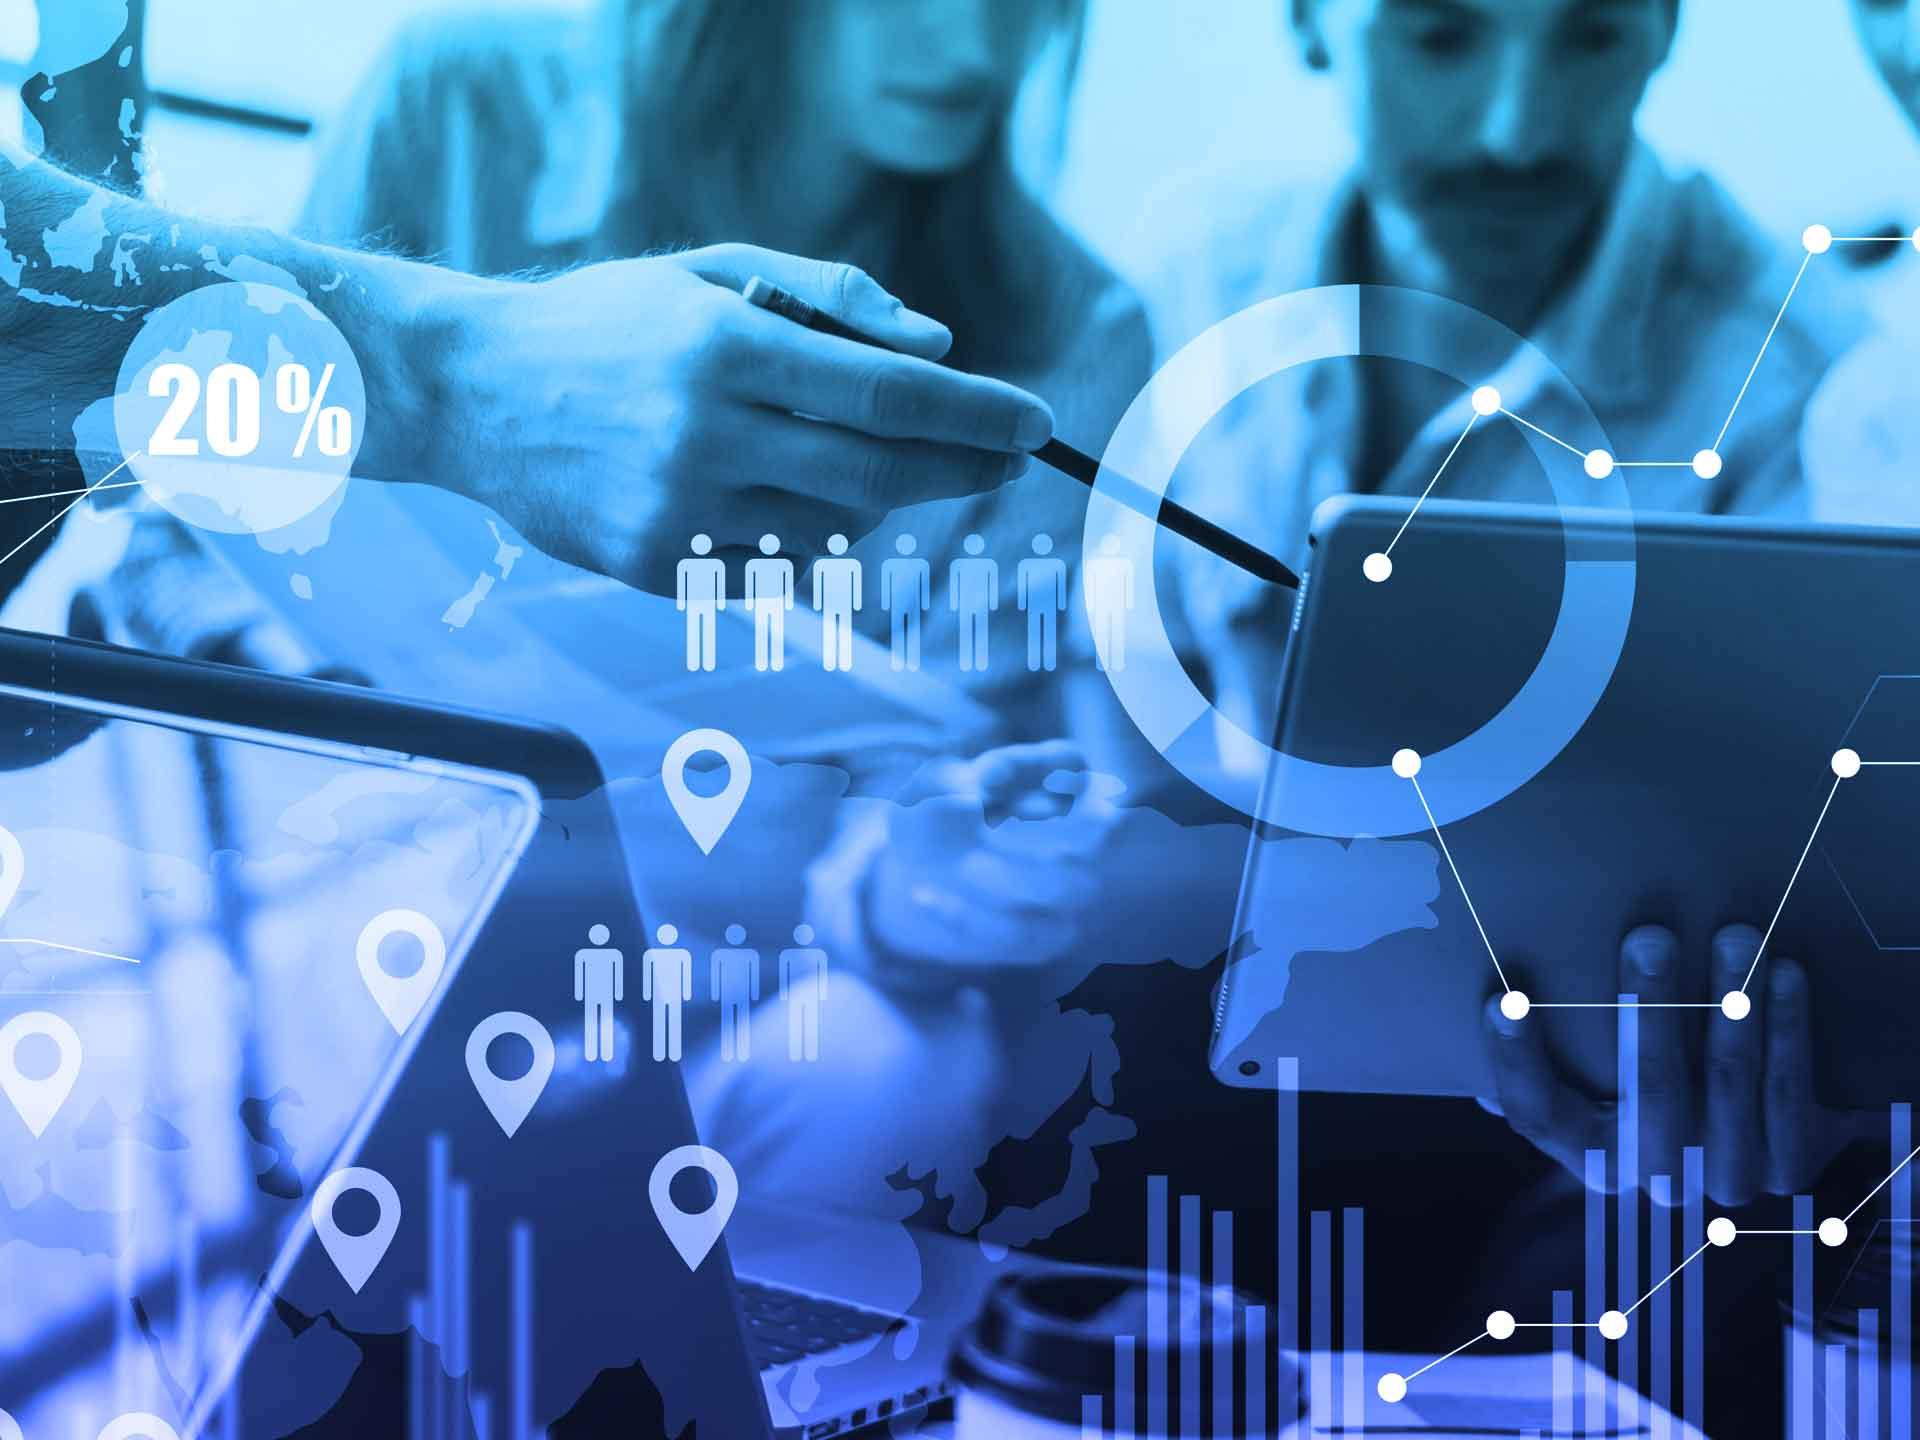 Sharepoint transformez le processus d'entreprise